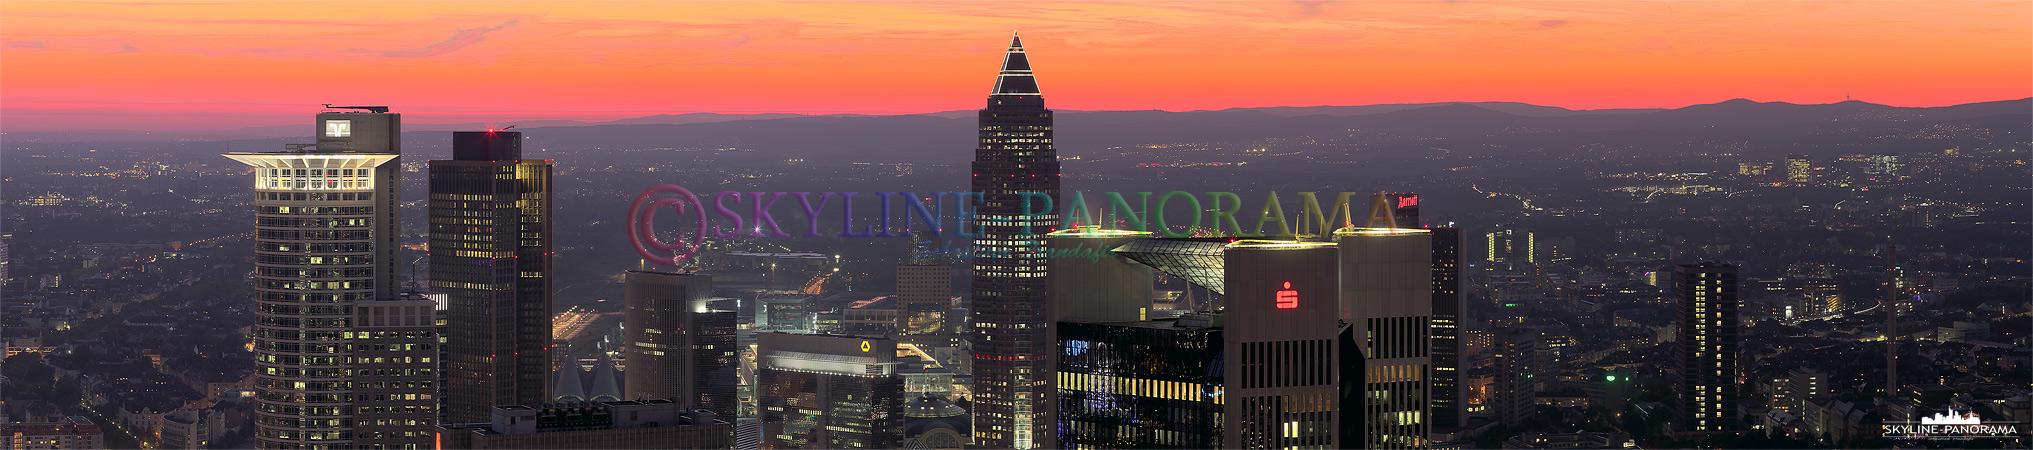 Dieses Panorama zeigt einen engen Ausschnitt der Skyline von Frankfurt am Main.